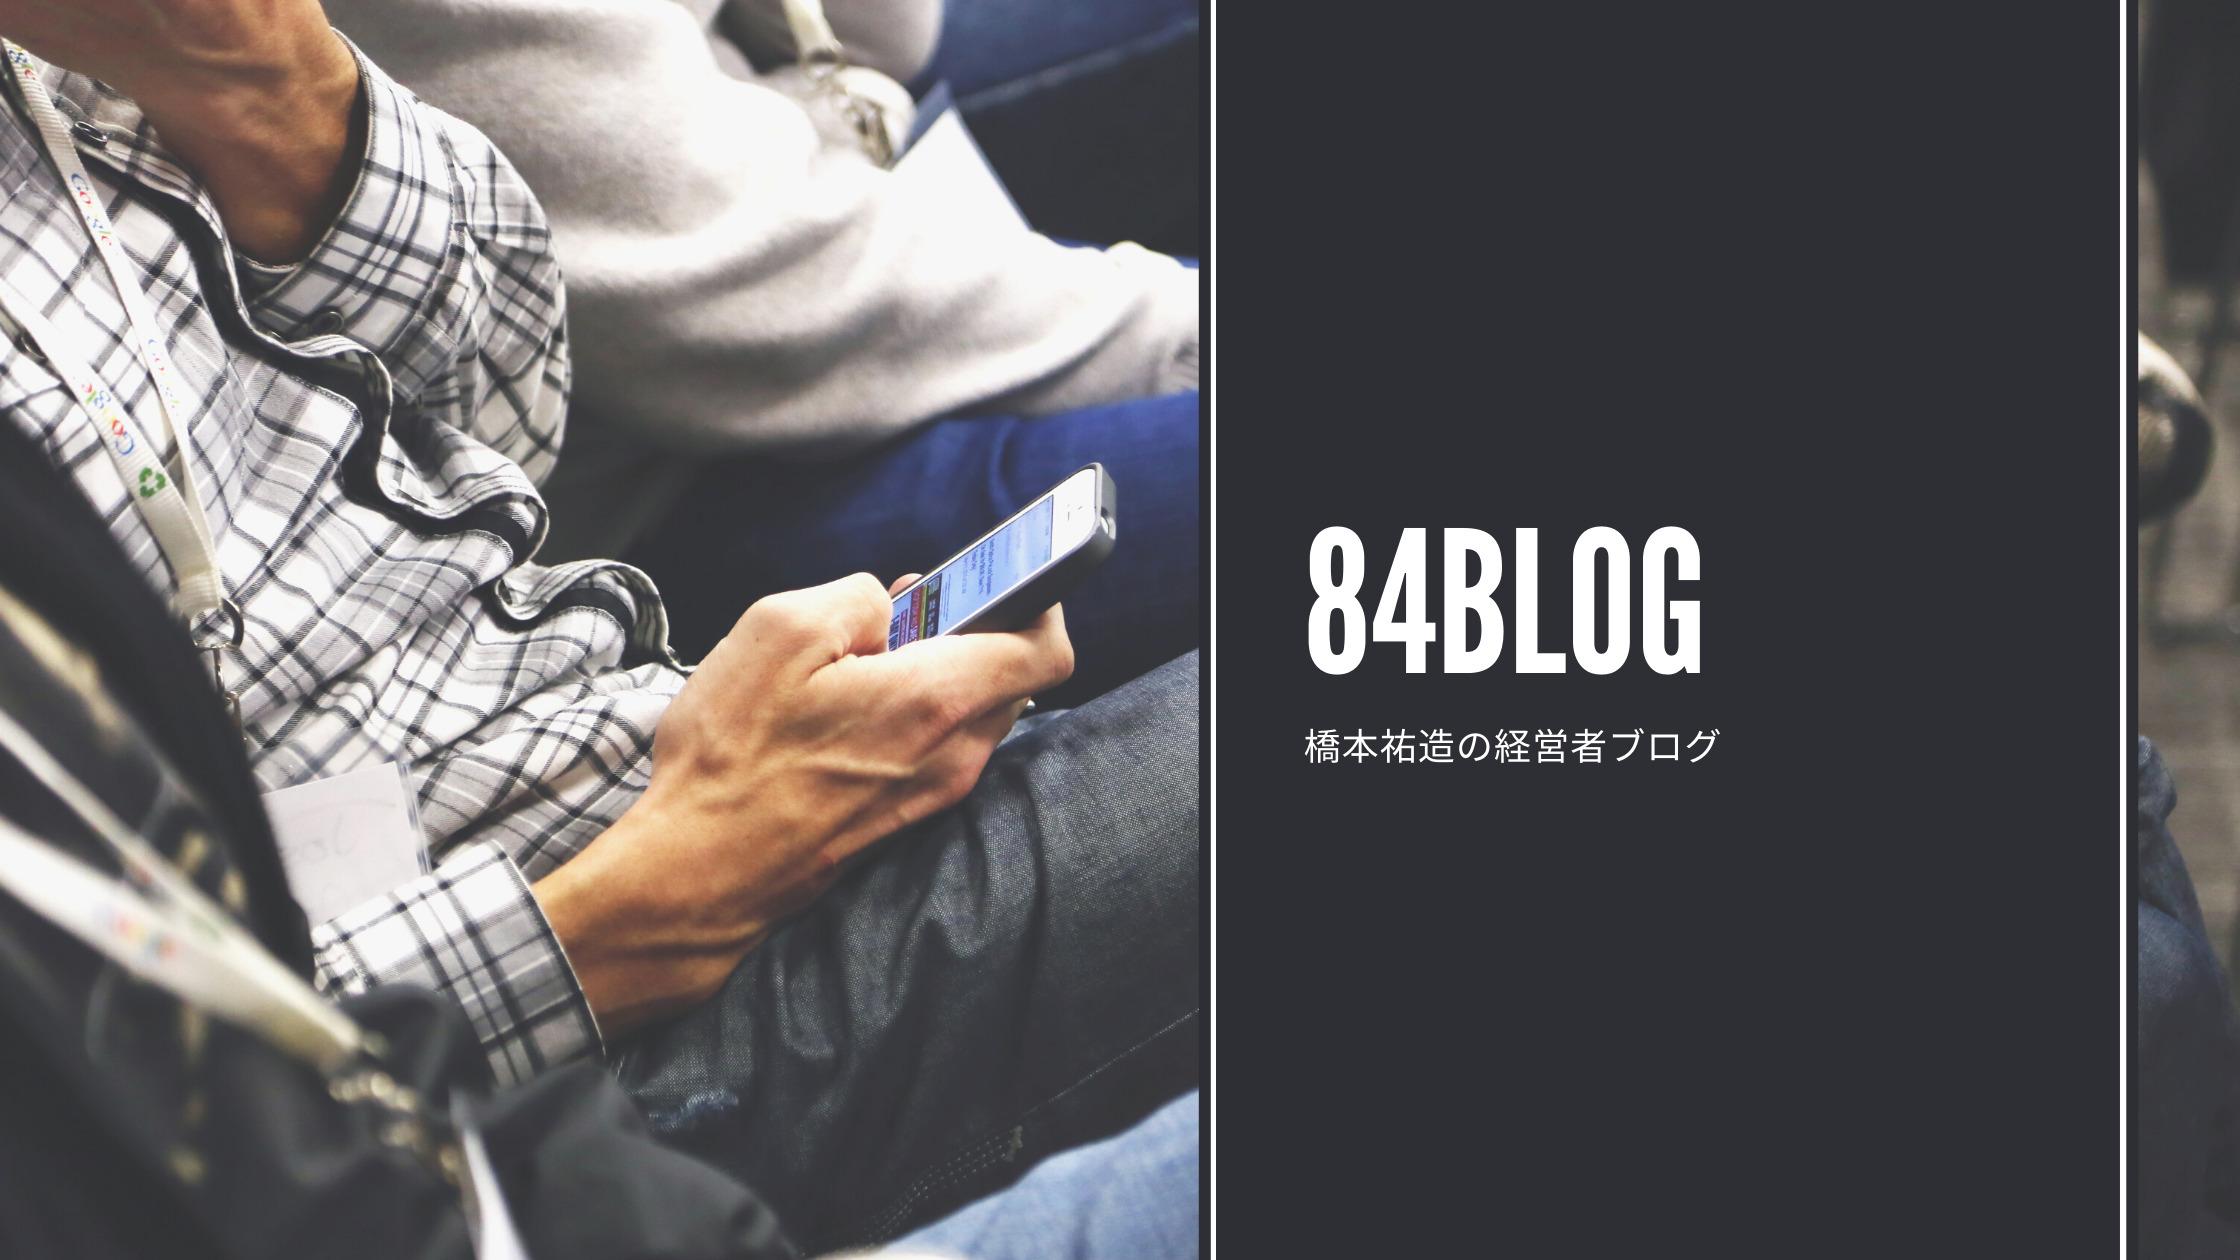 84BLOG|橋本祐造|RECOMO CEO